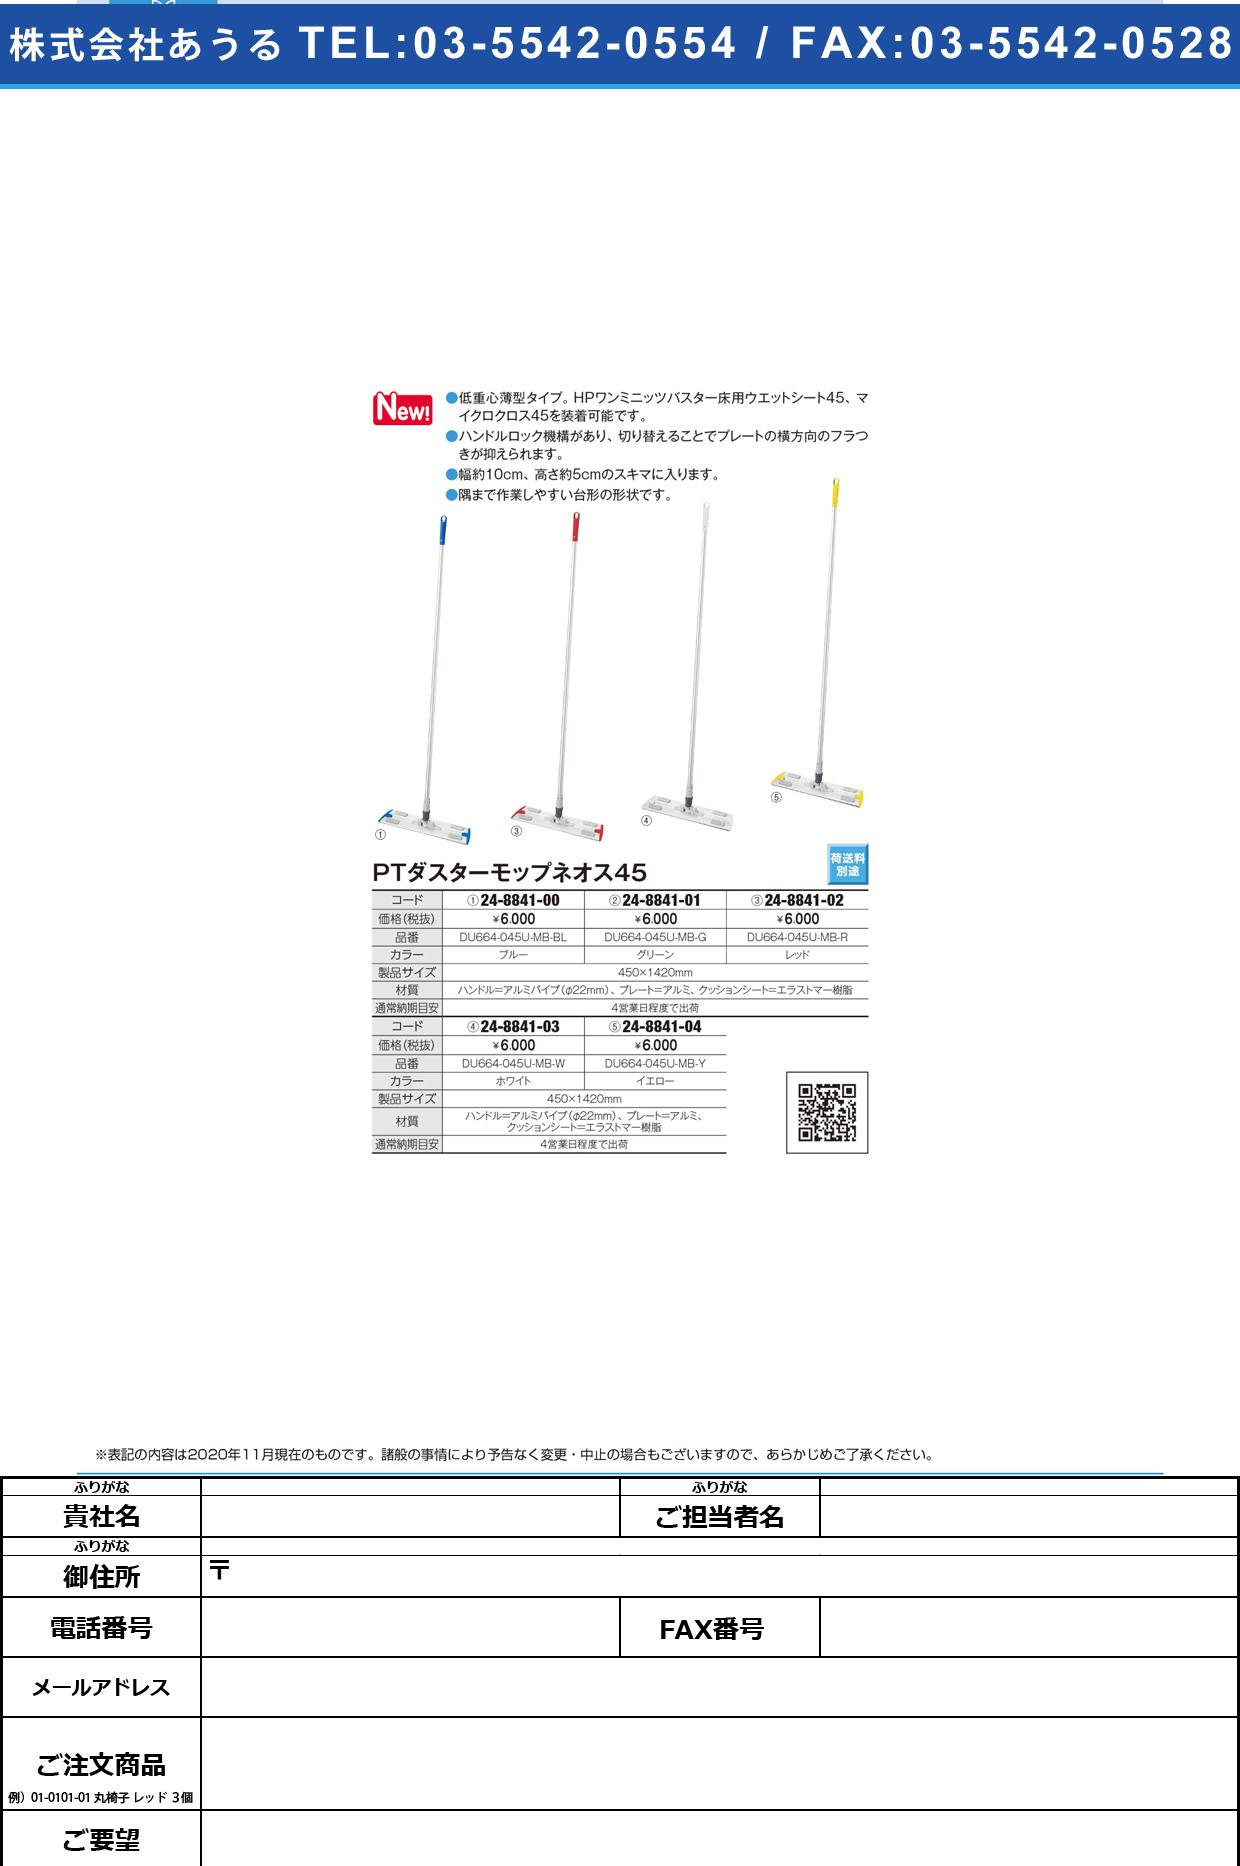 ダスターモップ ネオス45 ブルー DU664-045U-MB-BLDU664-045U-MB-BL(24-8841-00)【山崎産業】(販売単位:1)